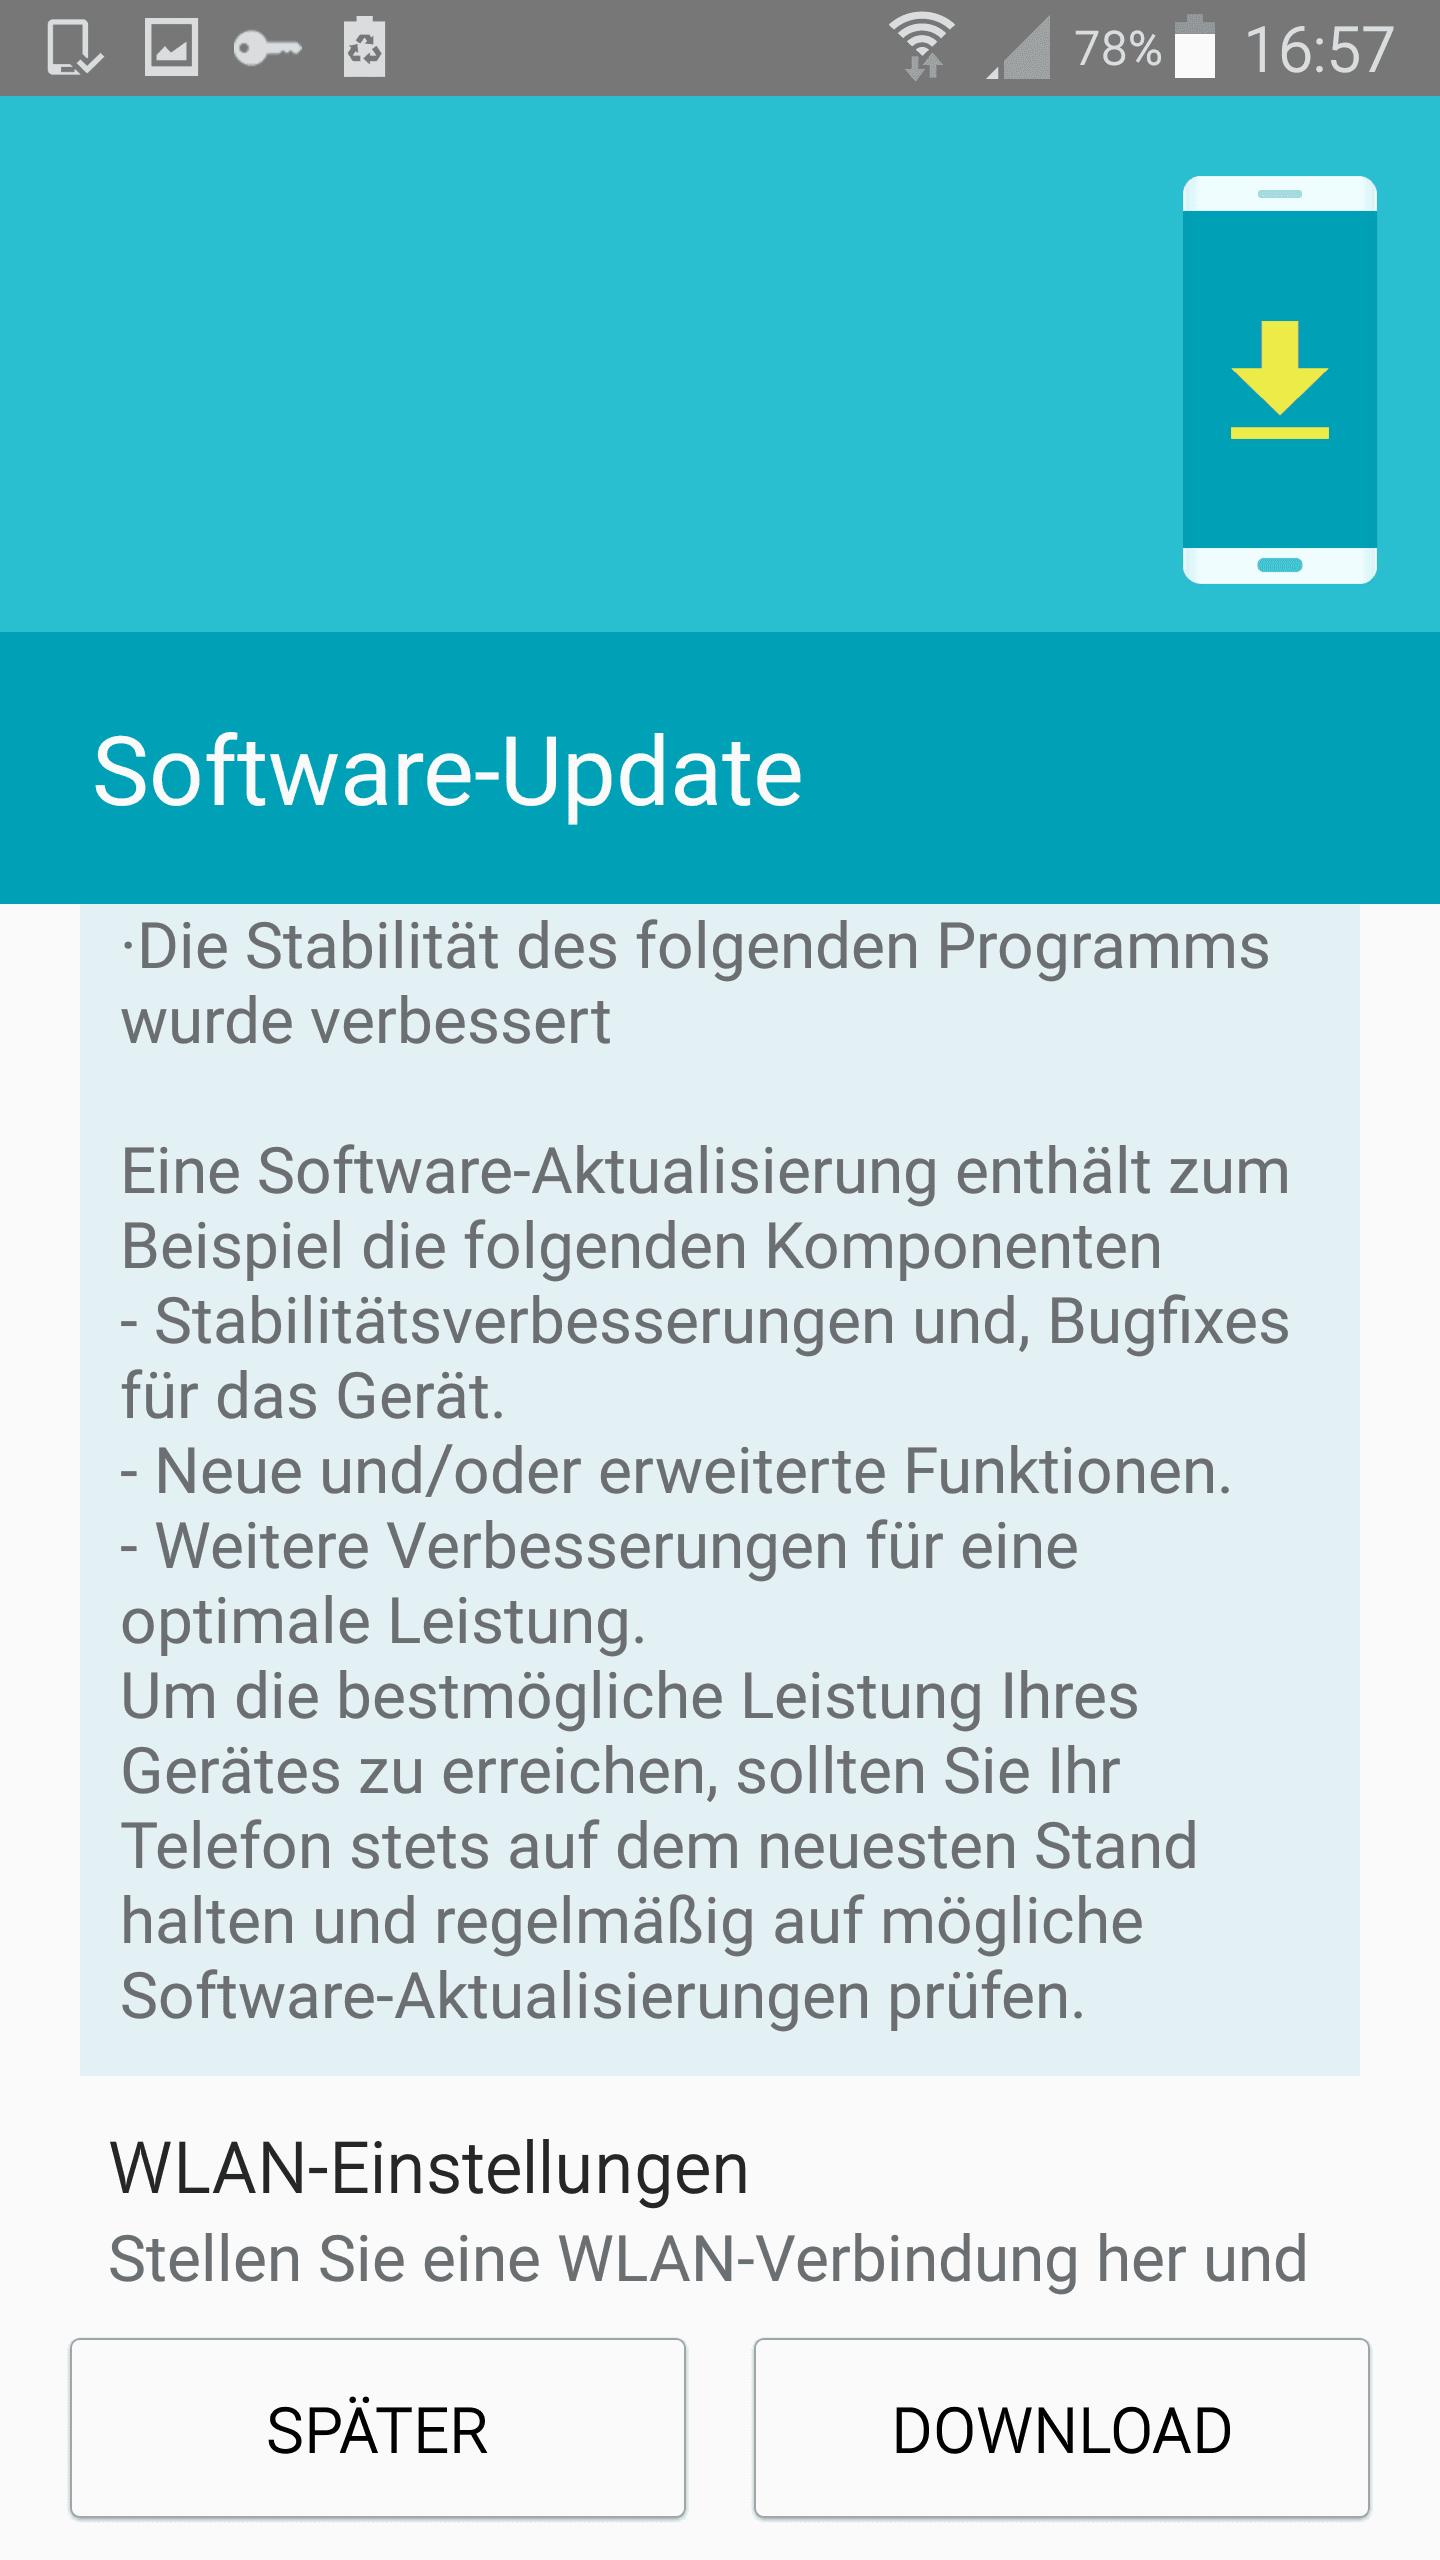 Samsung Galaxy Note 4 Android 6.0.1 Marshmallow Update in Deutschland & Österreich techboys.de • smarte News, auf den Punkt!